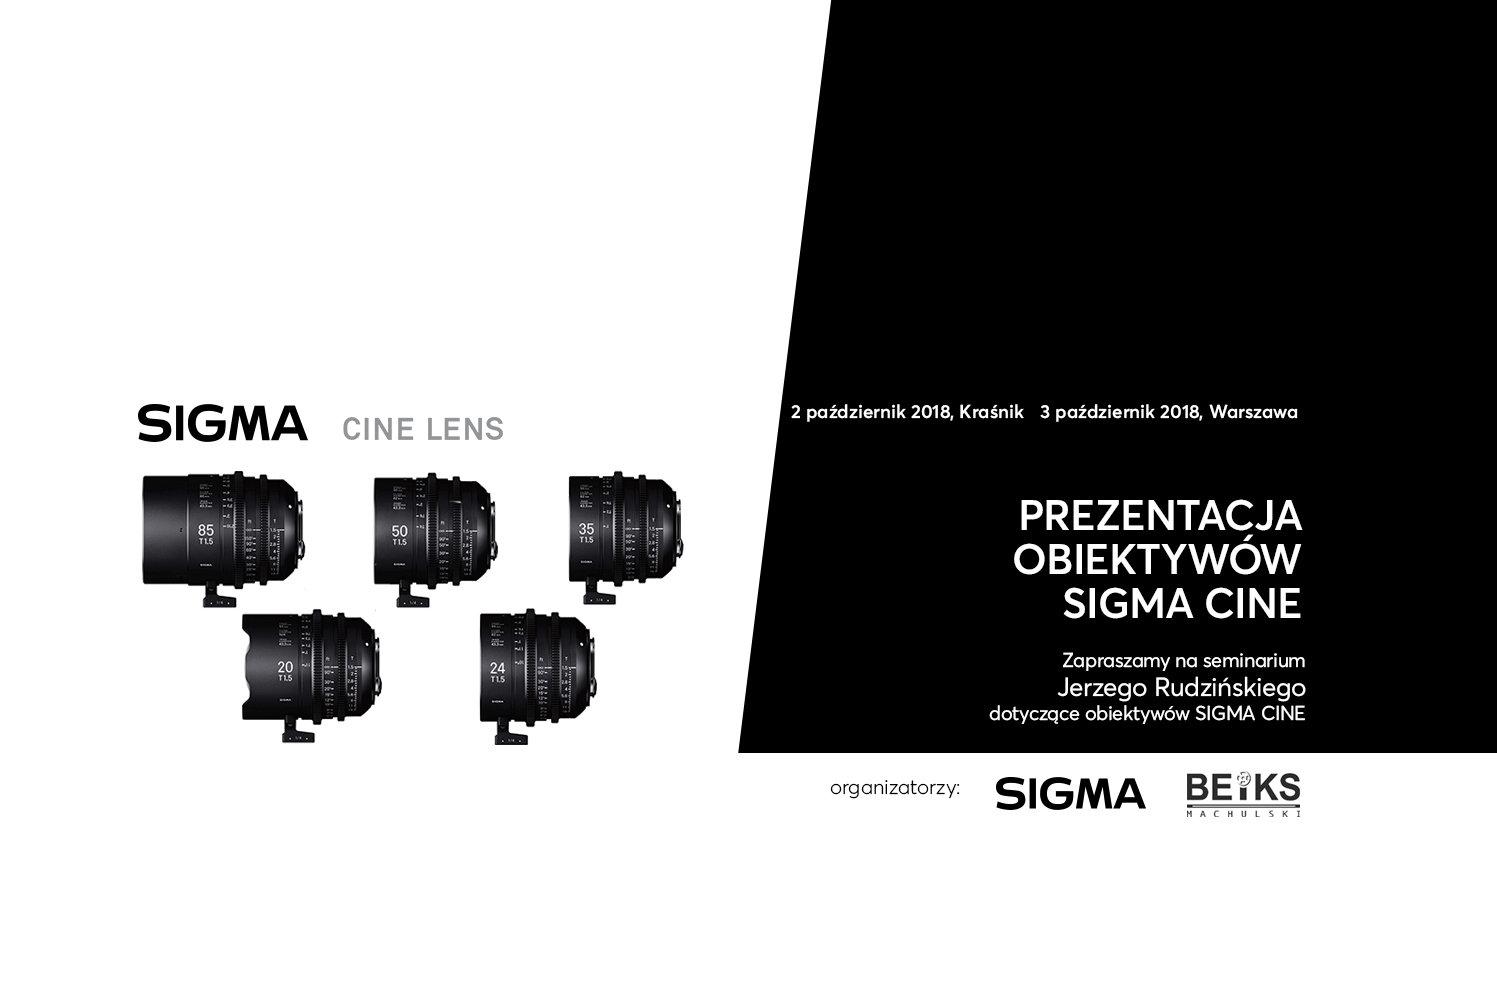 Seminarium z obiektywami SIGMA CINE